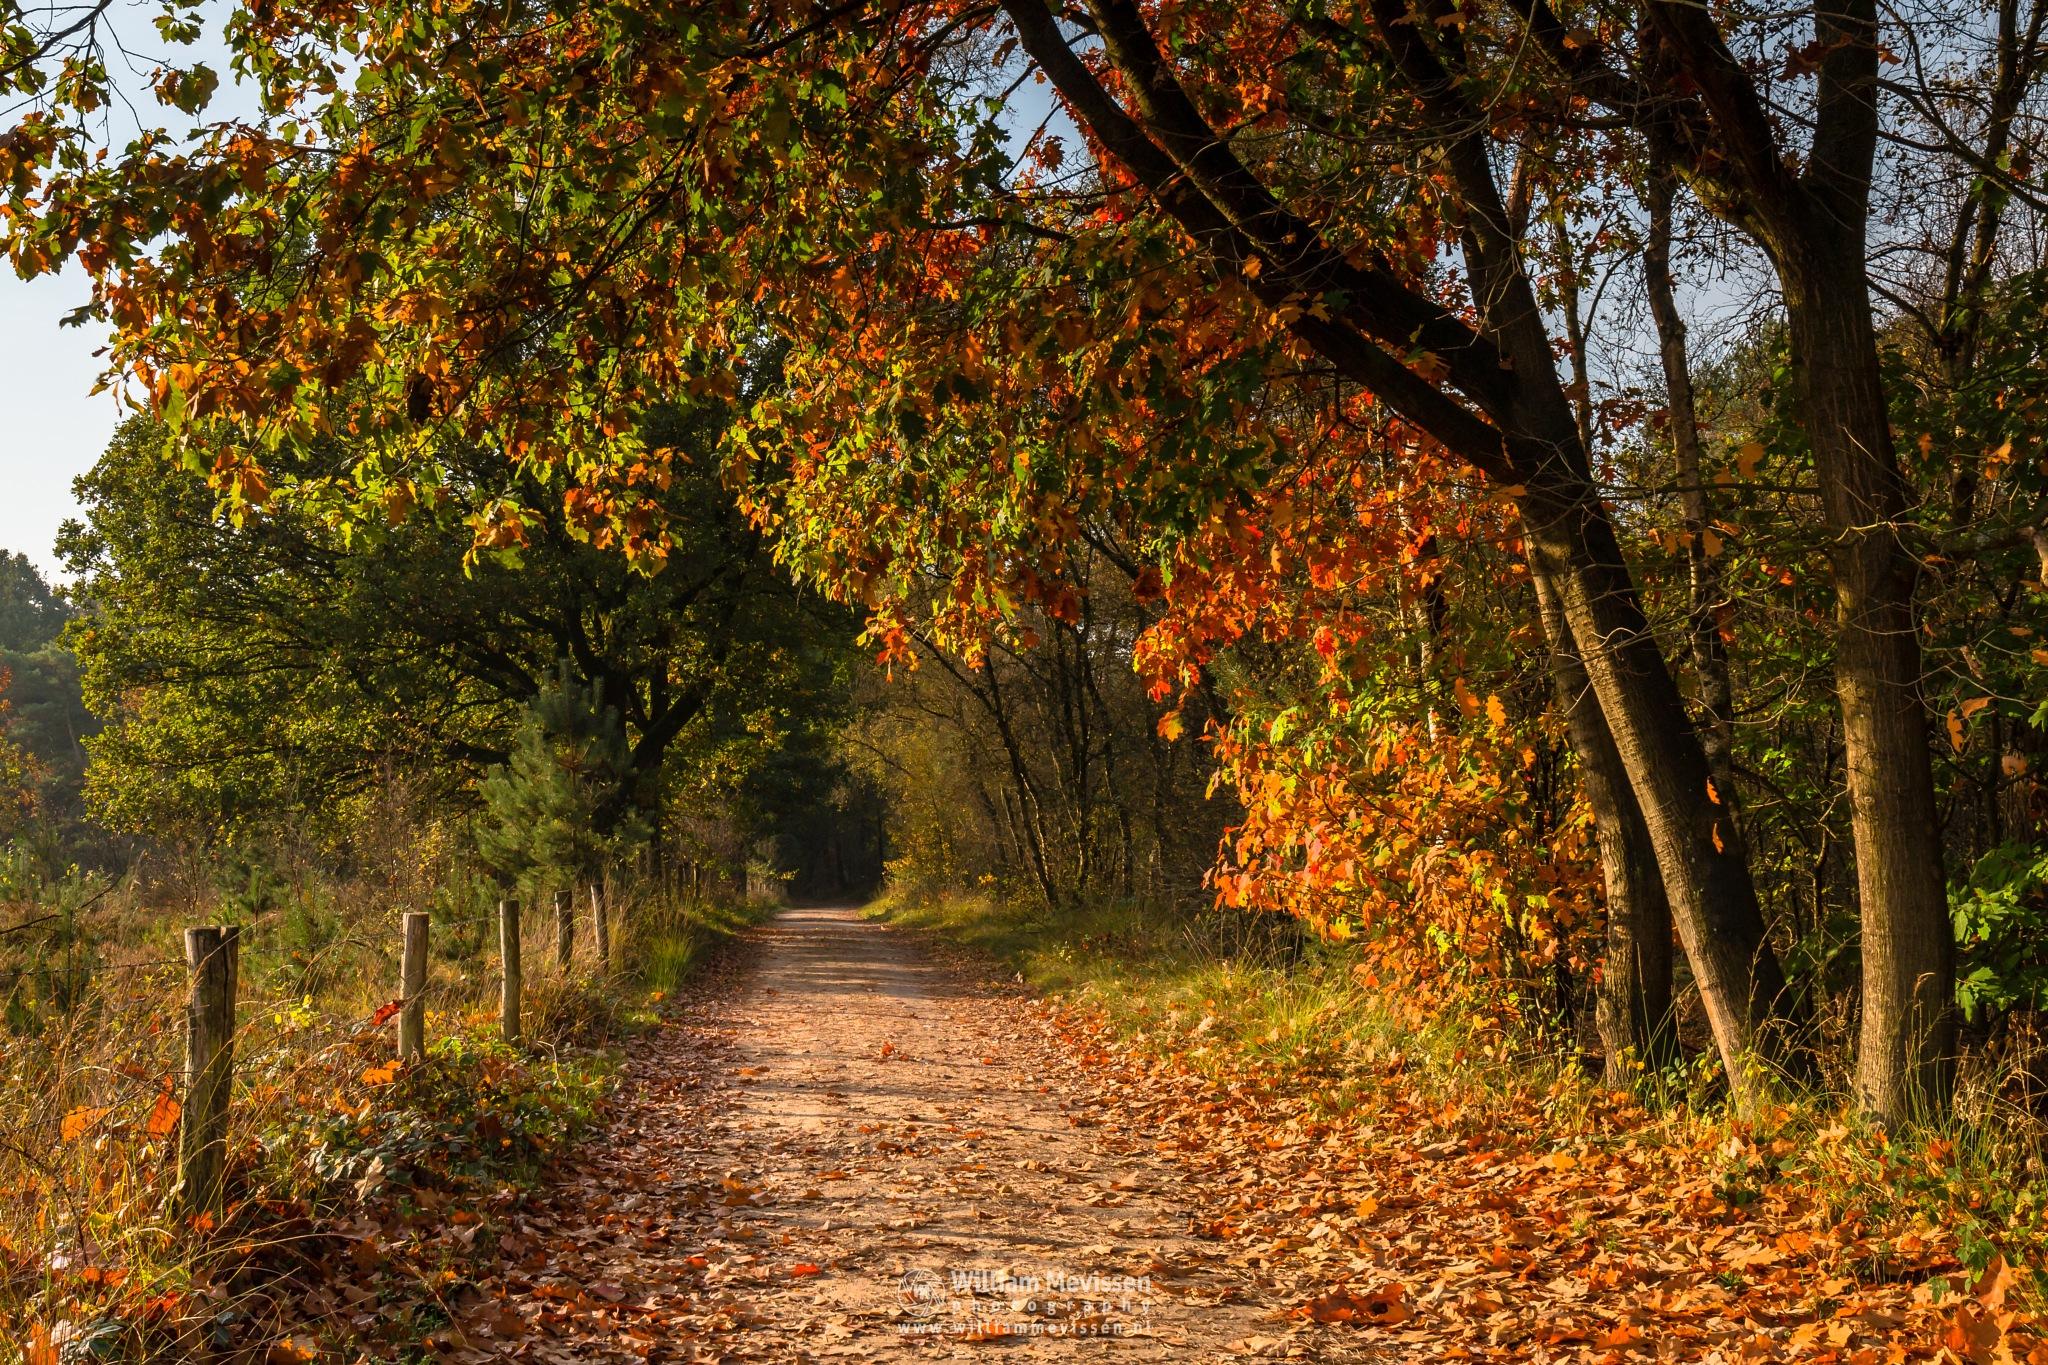 Autumn Tunnel by William Mevissen